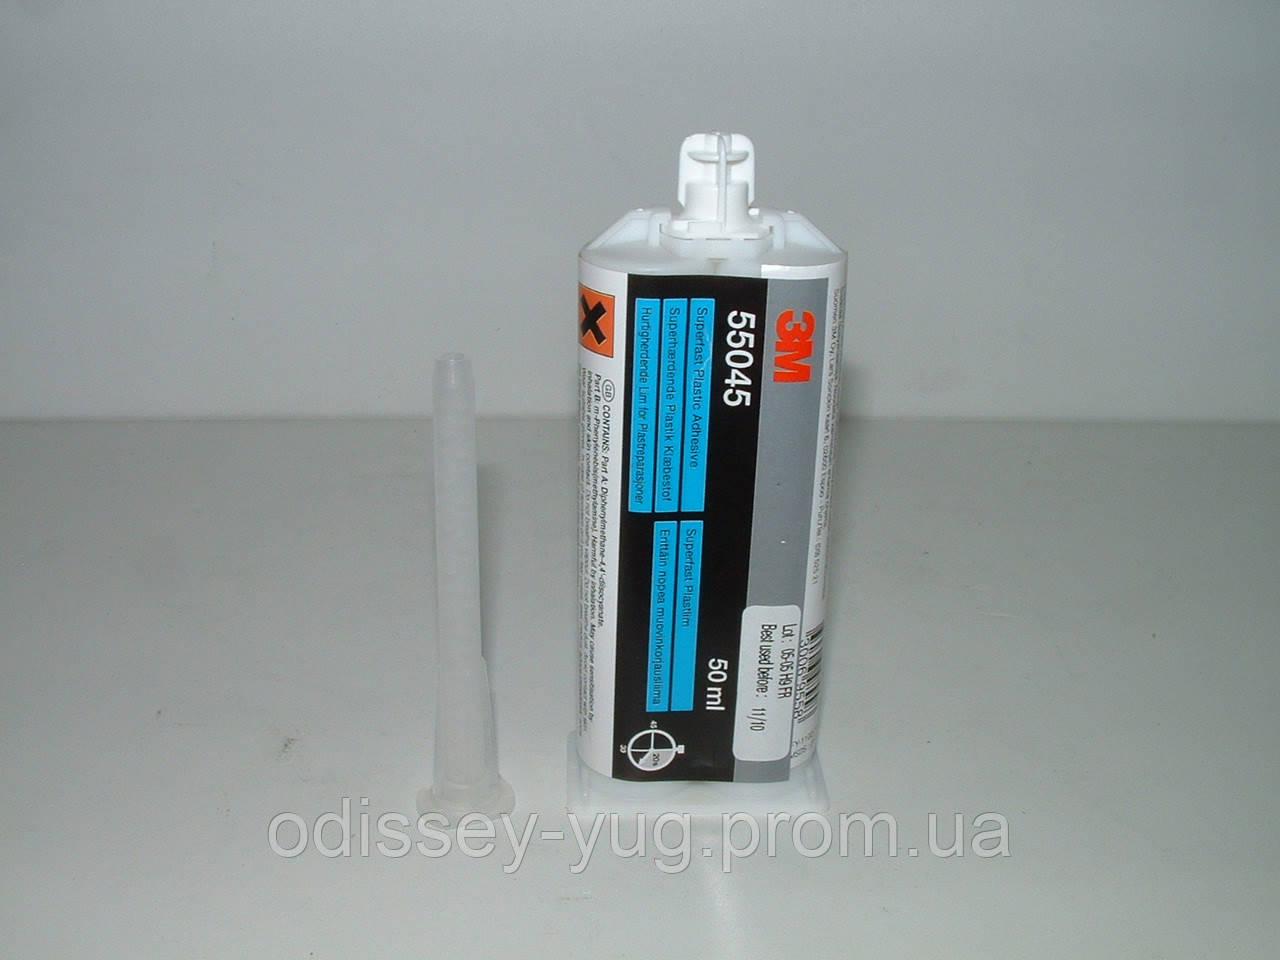 Состав для восстановления пластиковых деталей 3М 55045 (клей)